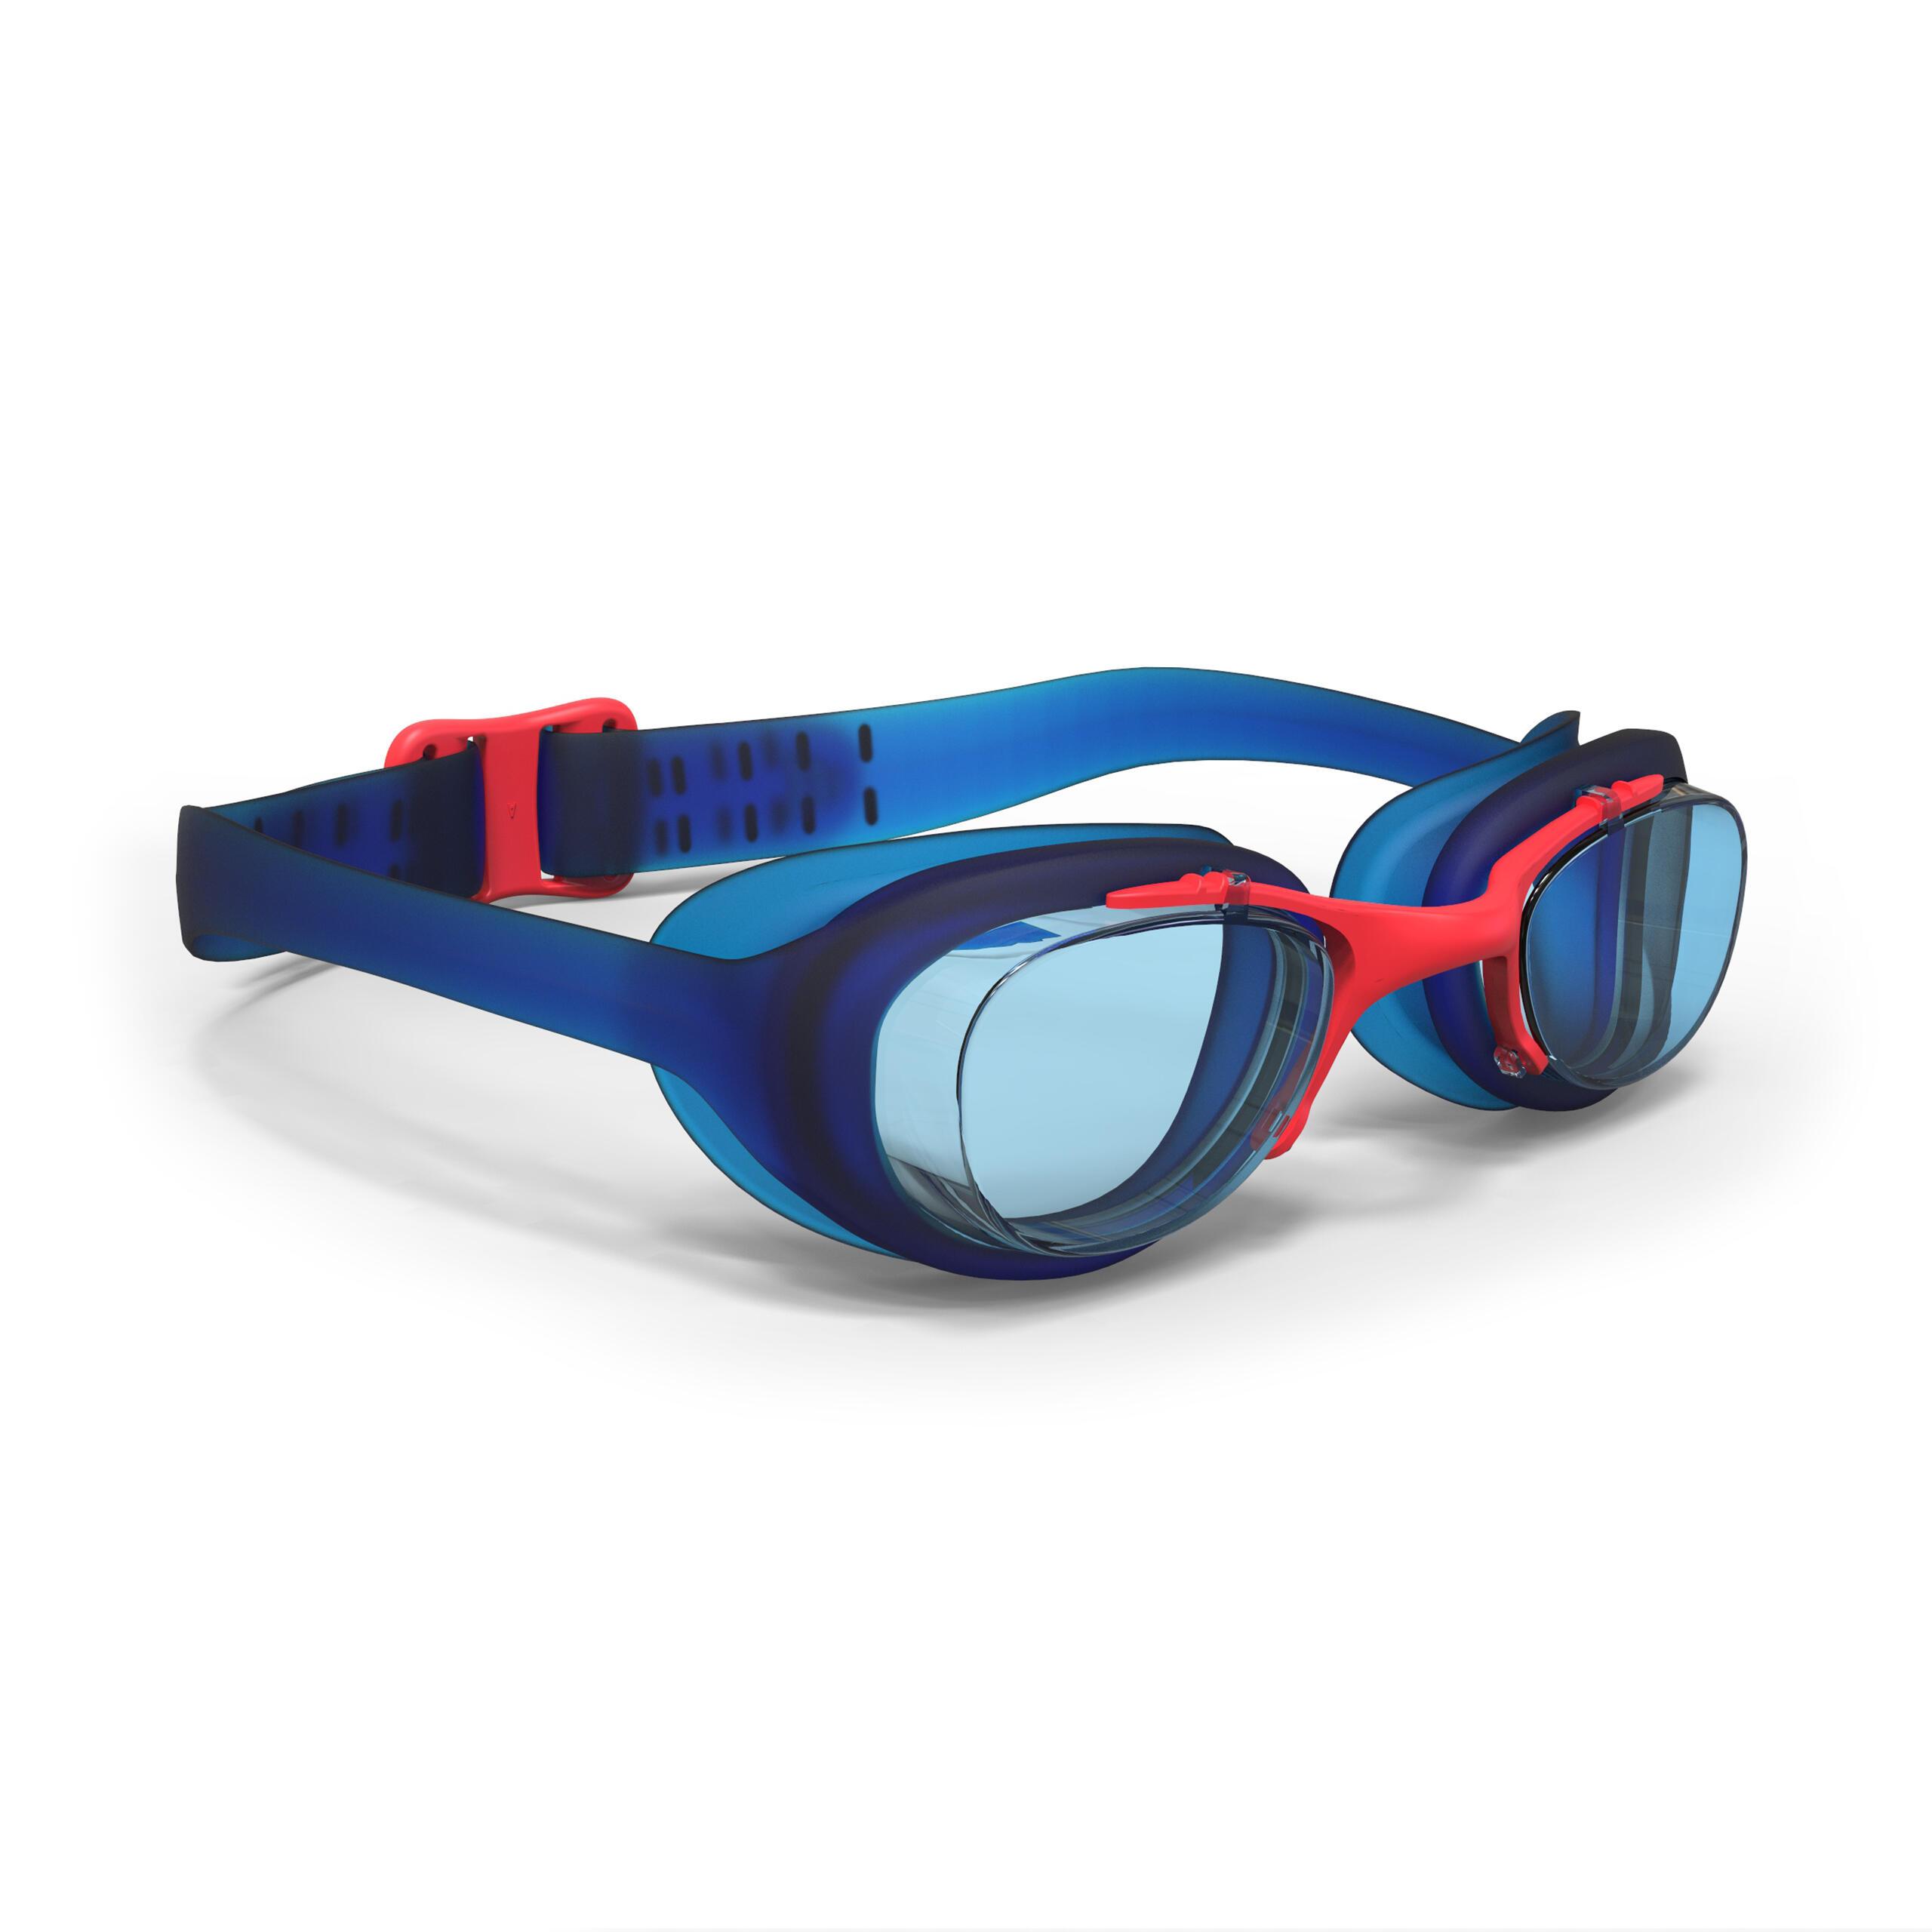 Goggles XBASE Talla CH azul rojo